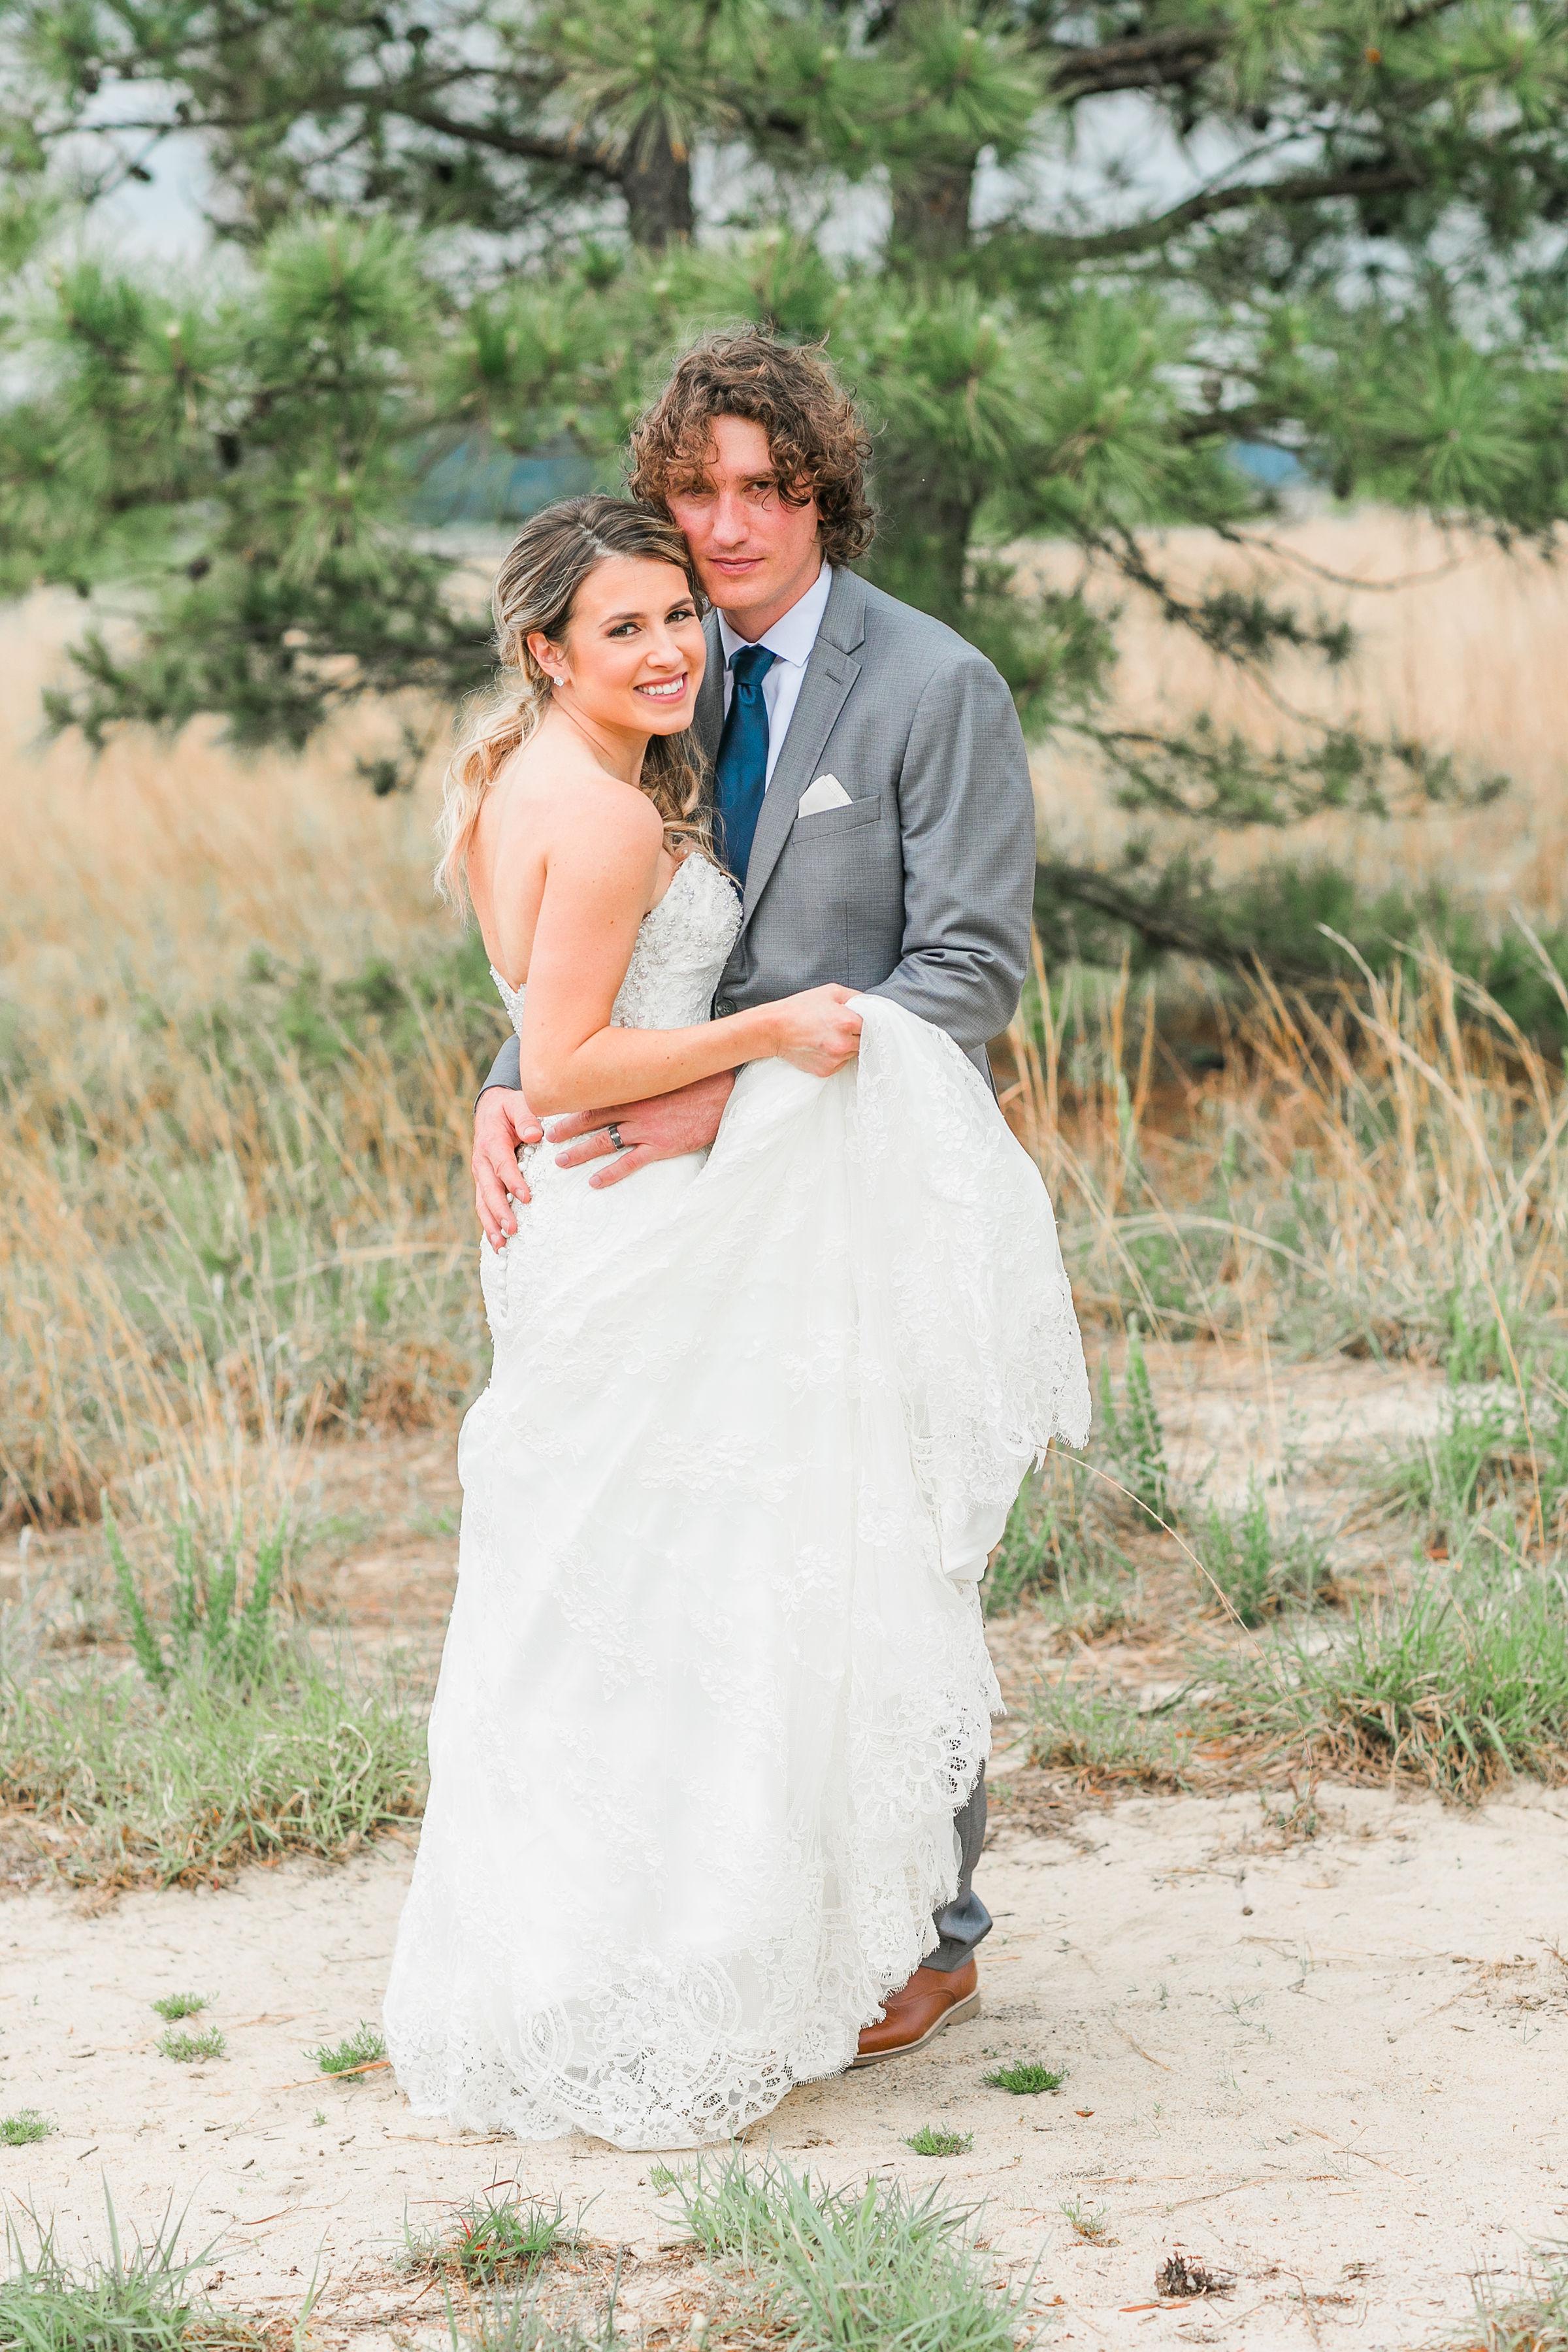 Nicole&Bryce_FirstLook-29.jpg